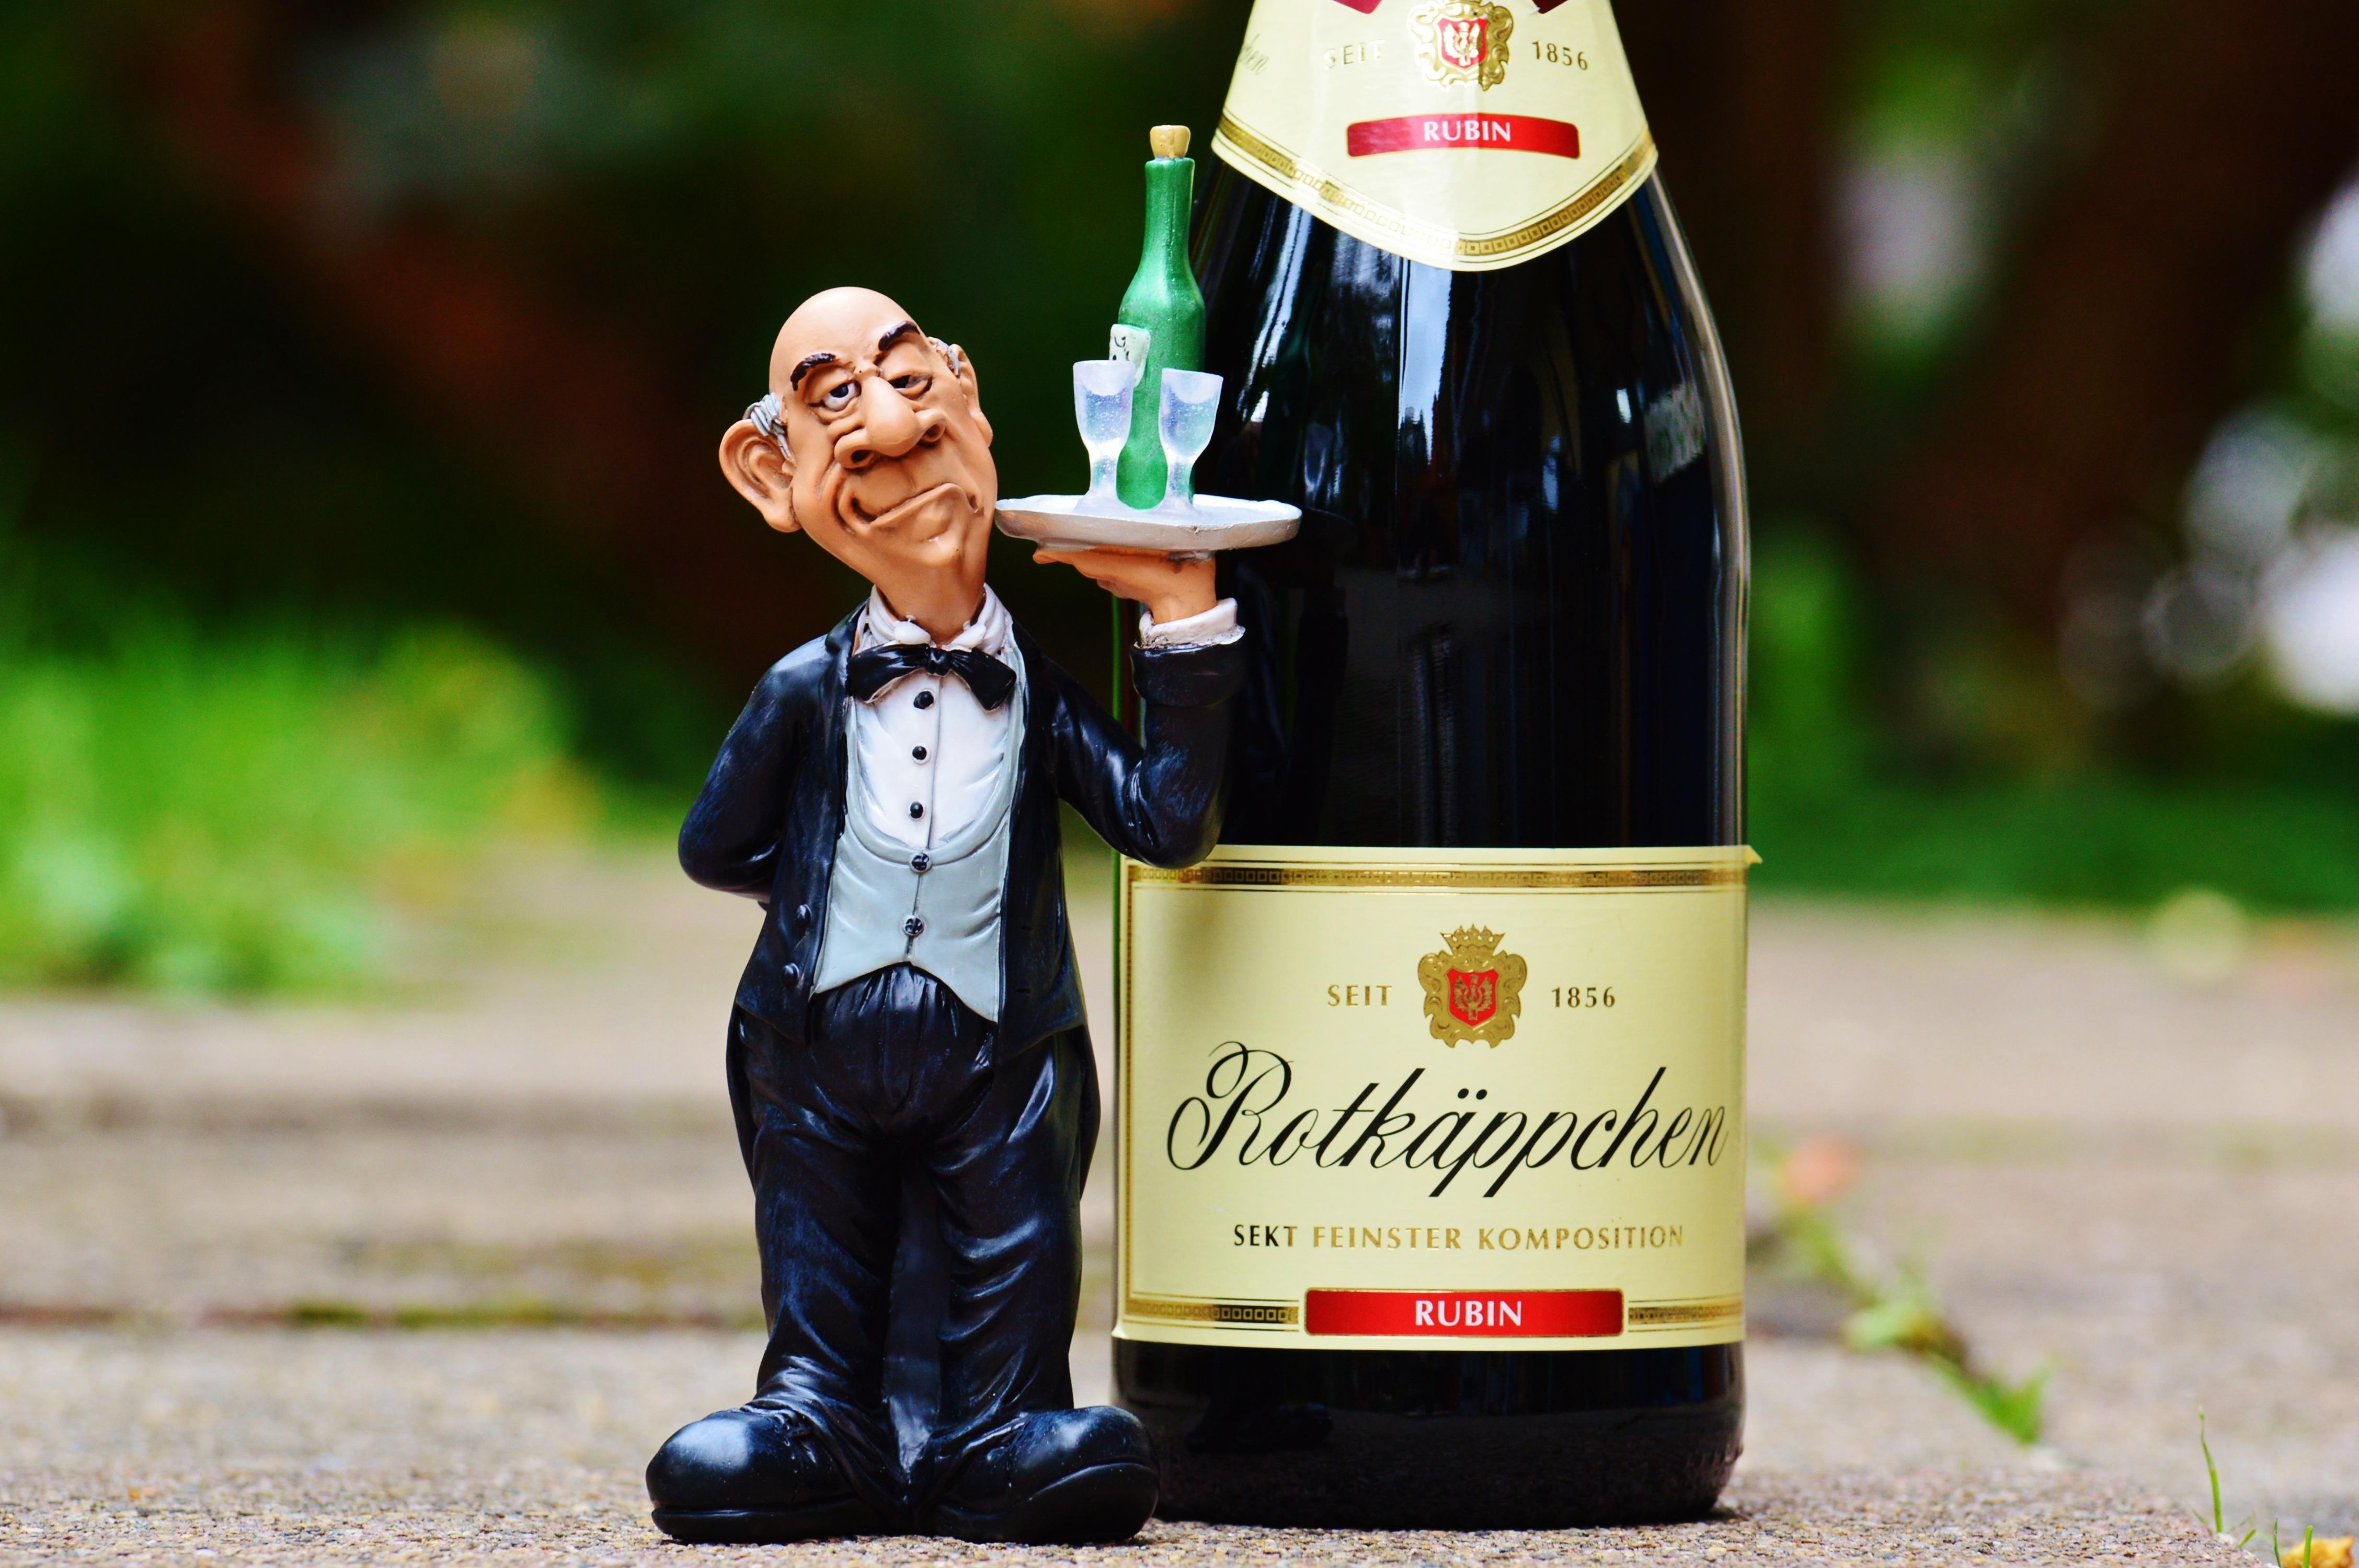 день шампанское фото смешное особенности мозоли наросты